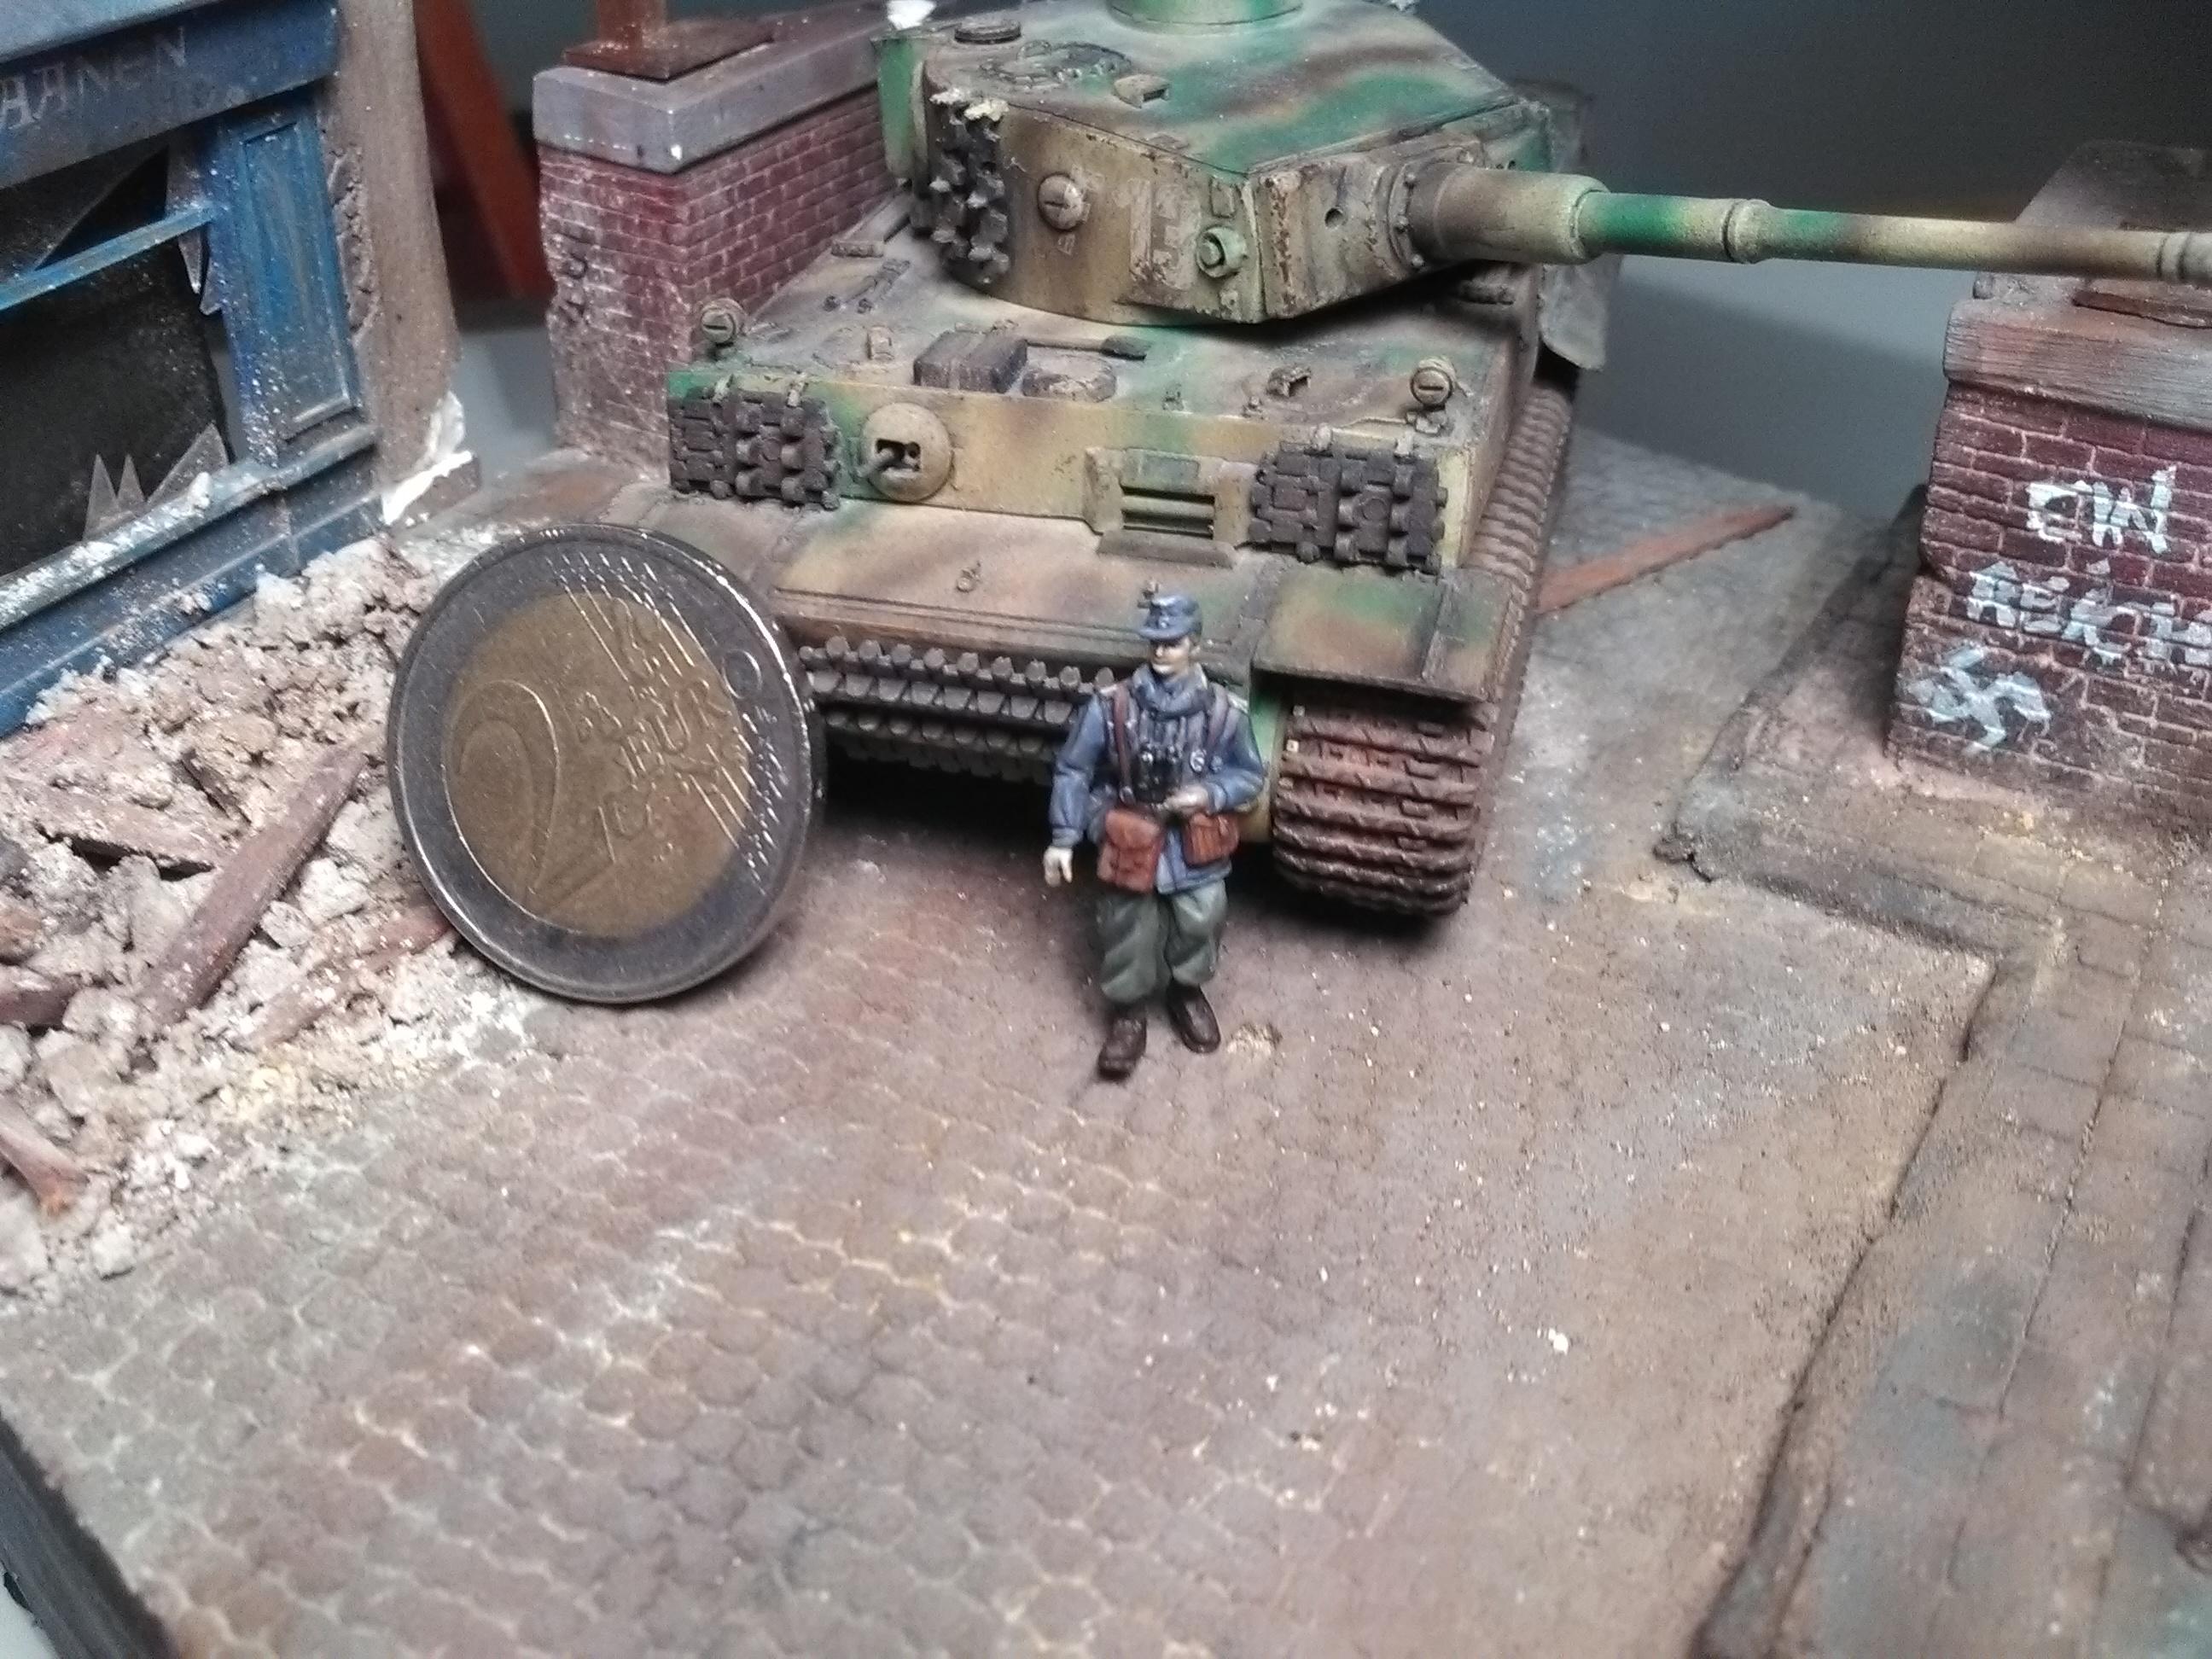 Le Survivant 1/72 - (Tigre 1 Allemagne 1945) - Page 2 IMG_20180312_211409